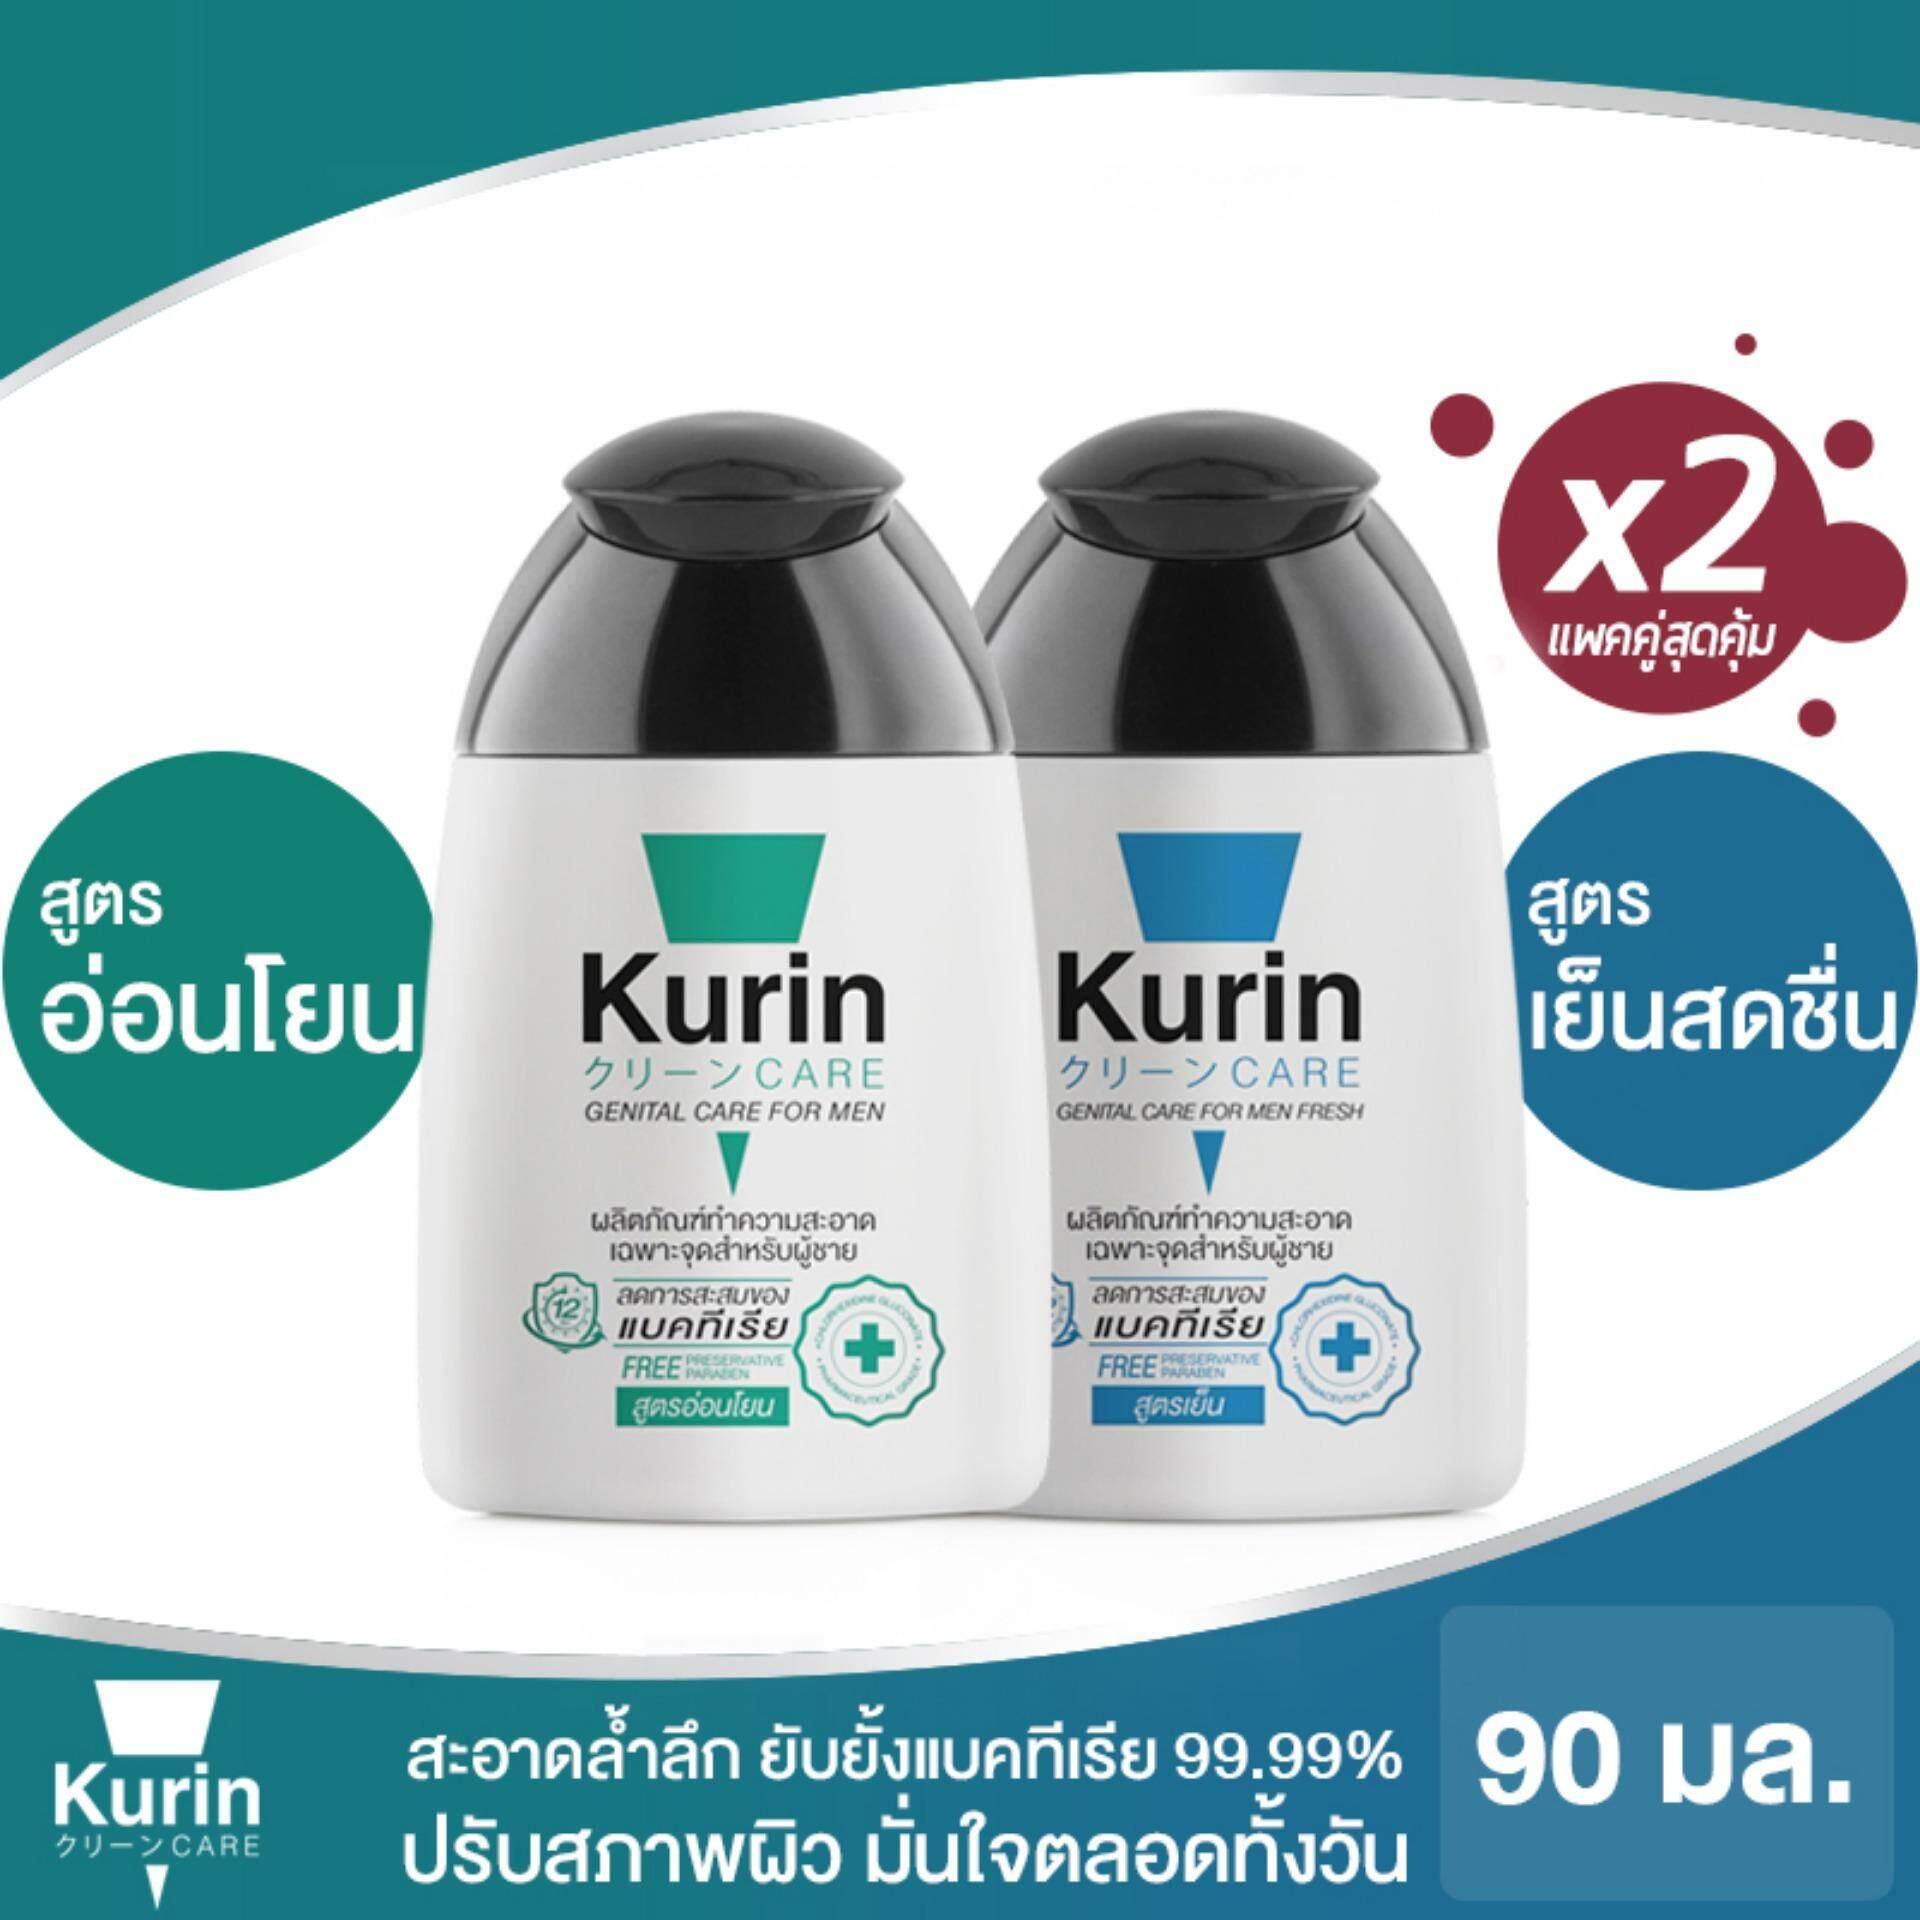 ขายดีที่สุด!! จับคู่สุดคุ้ม คูริน สูตรเย็นและสูตรอ่อนโยน! เจลทำความสะอาด จุดซ่อนเร้นชาย สบู่ล้างน้องชาย ทำความสะอาดน้องชาย (90 Ml.+ 90 Ml.) By Cloverplusthailand.